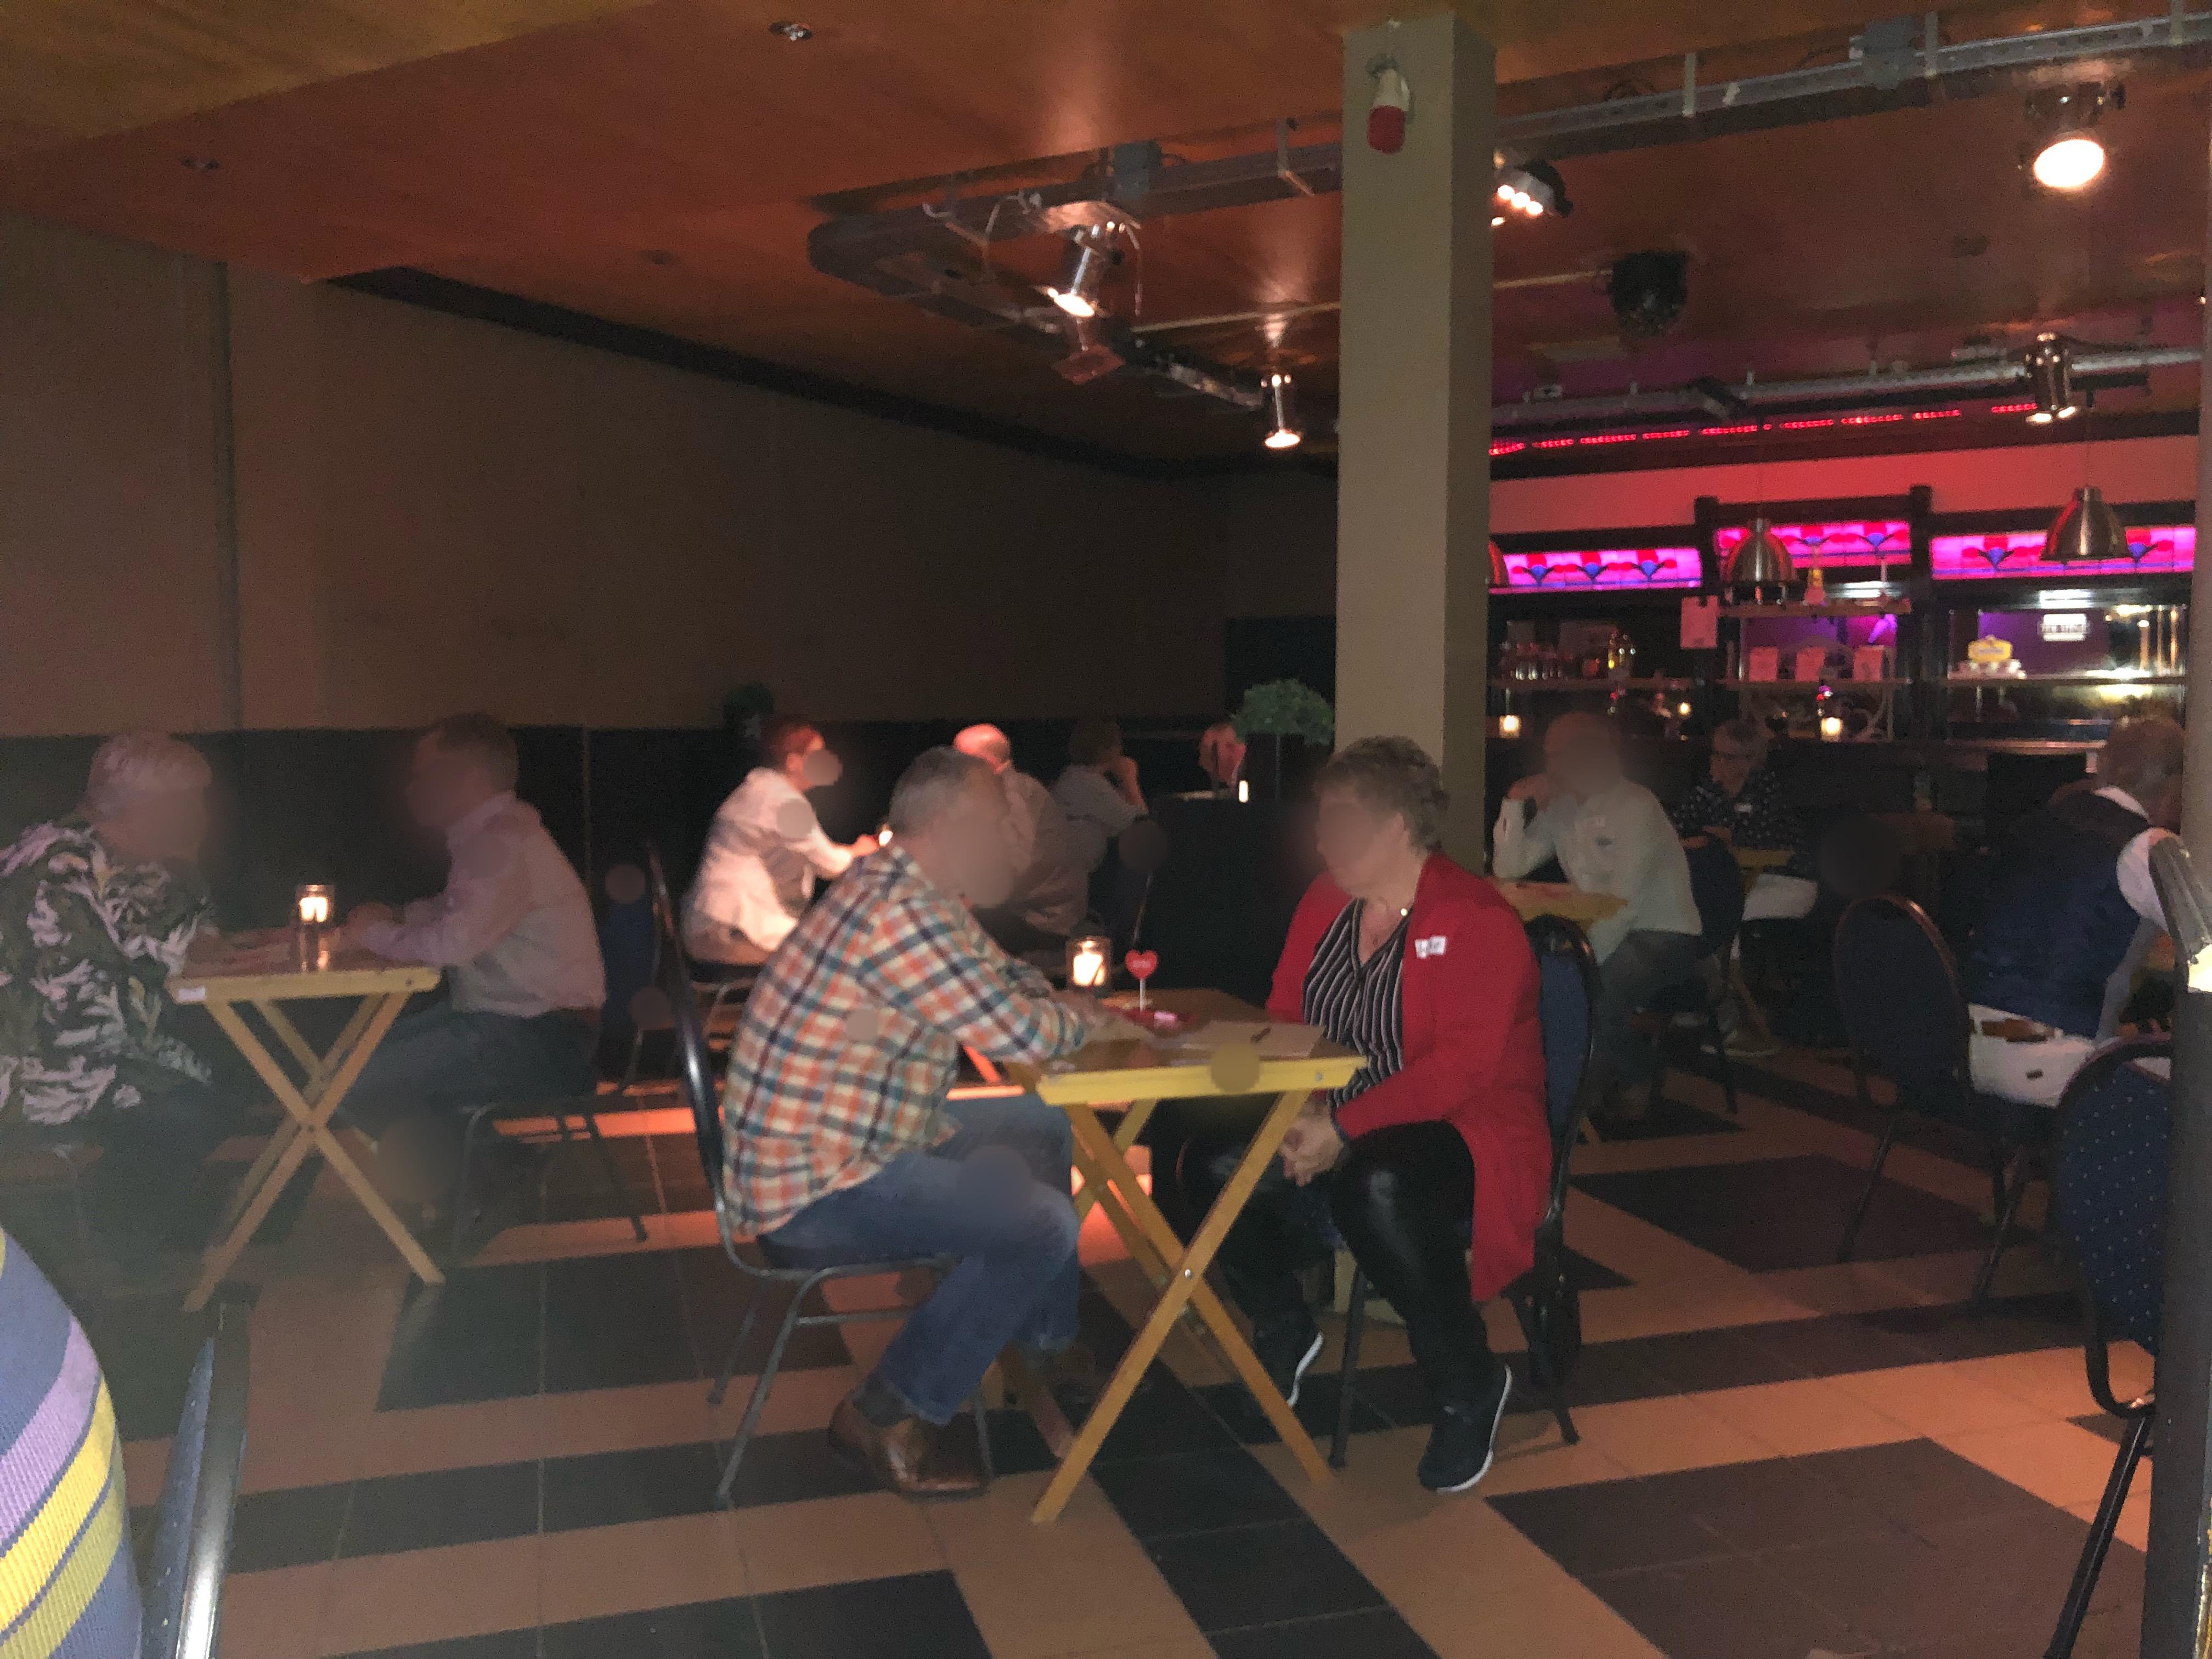 speeddate DatingOost bij cafe De Proatpoal (Hotel ter Stege) Oldenzaal 50-65jr